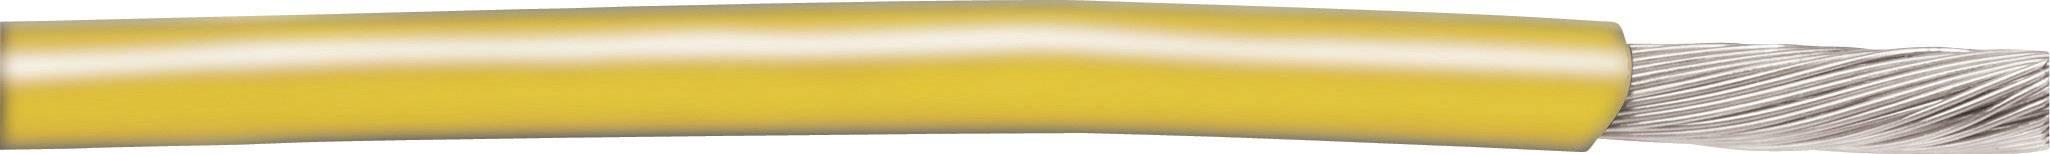 Opletenie / lanko AlphaWire 6712 EcoWire, 1 x 0.20 mm², vonkajší Ø 1.09 mm, 30.5 m, žltá